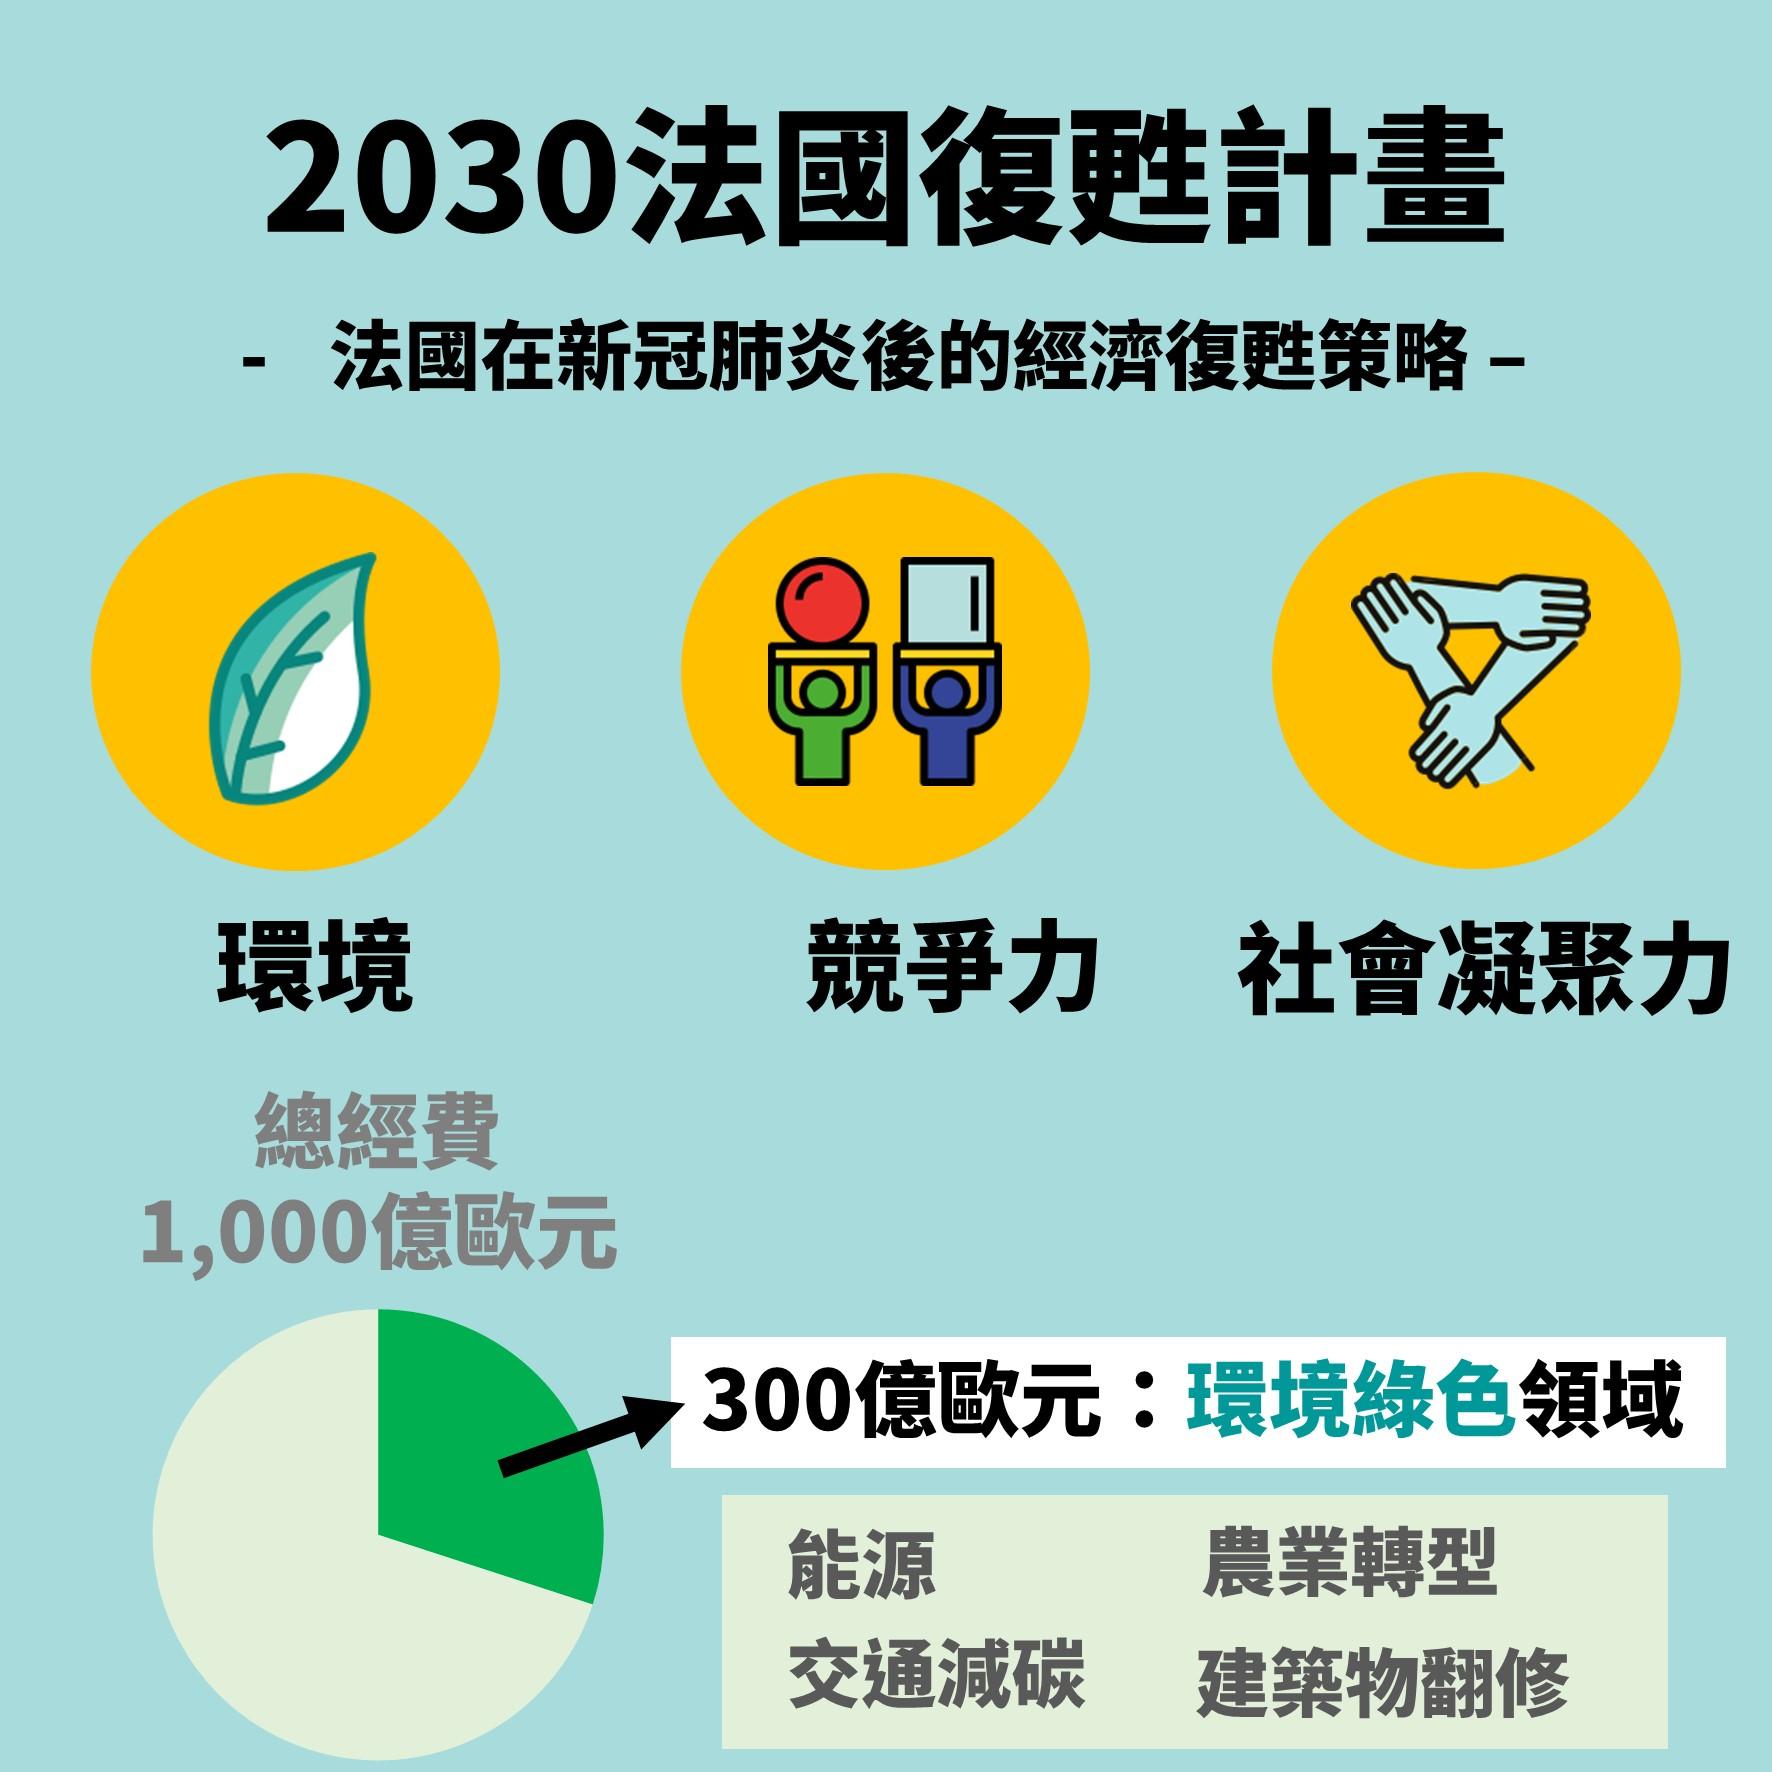 圖片來源:工研院綠能所整理